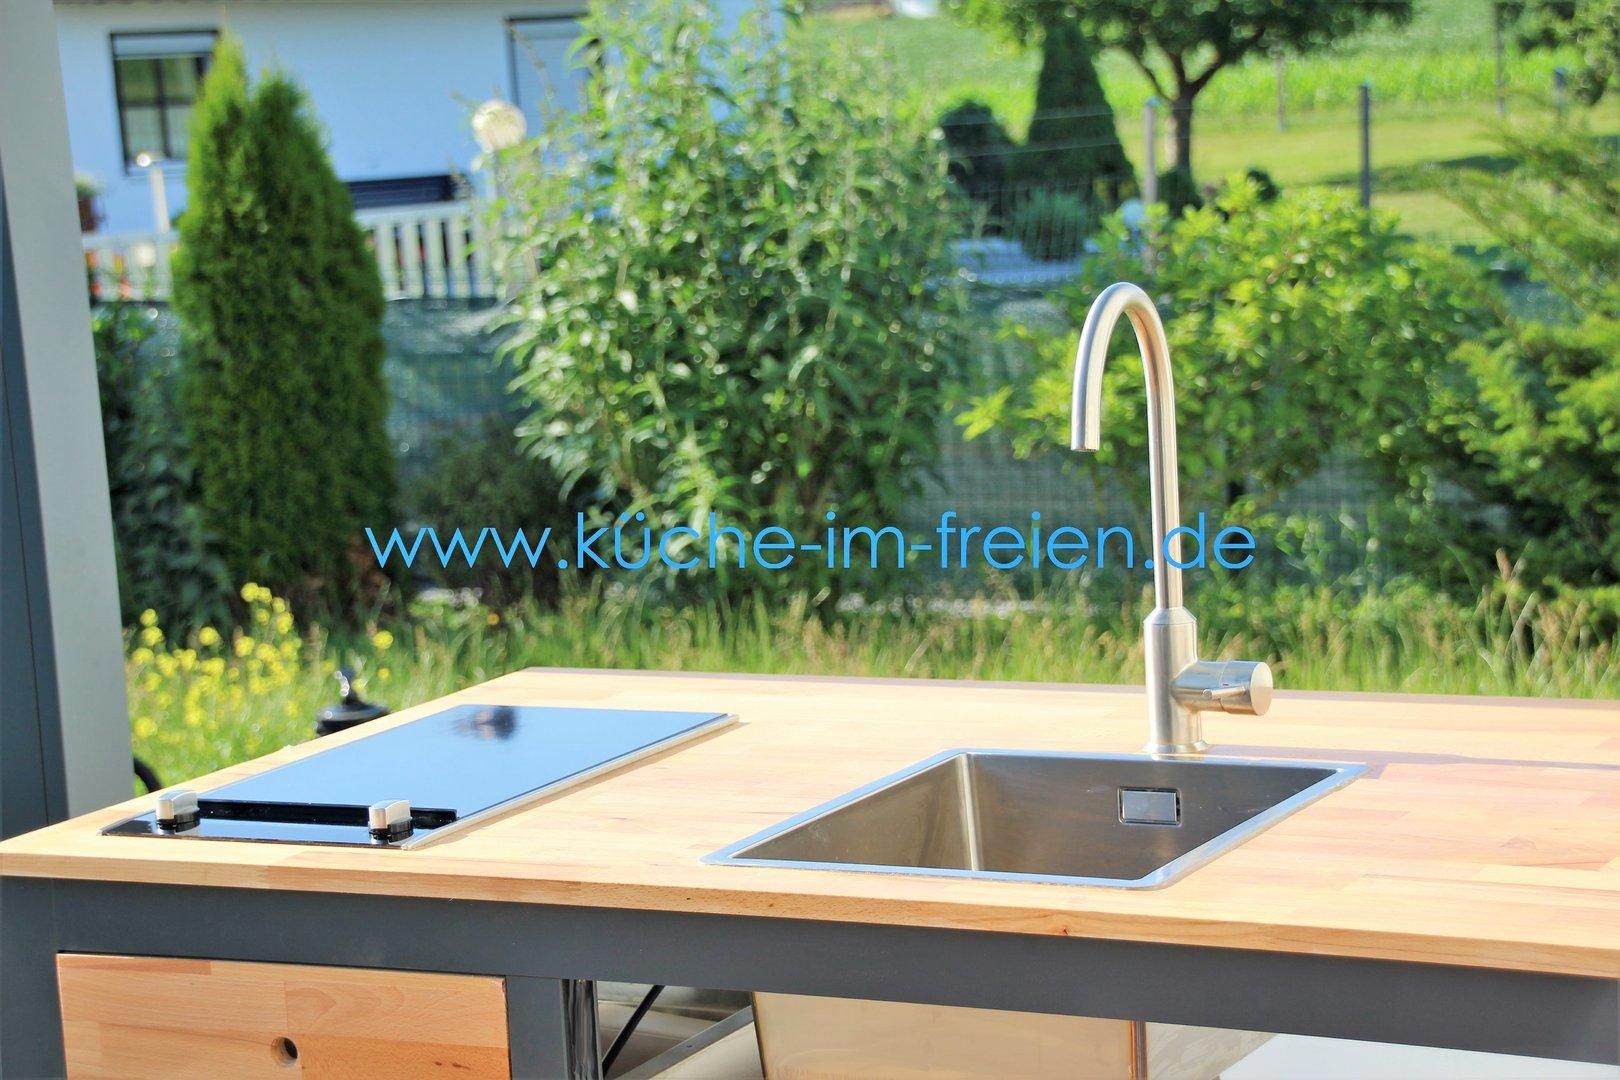 Outdoorküche Mit Spüle Wechseln : Küchenarmatur wechseln anleitung diybook at